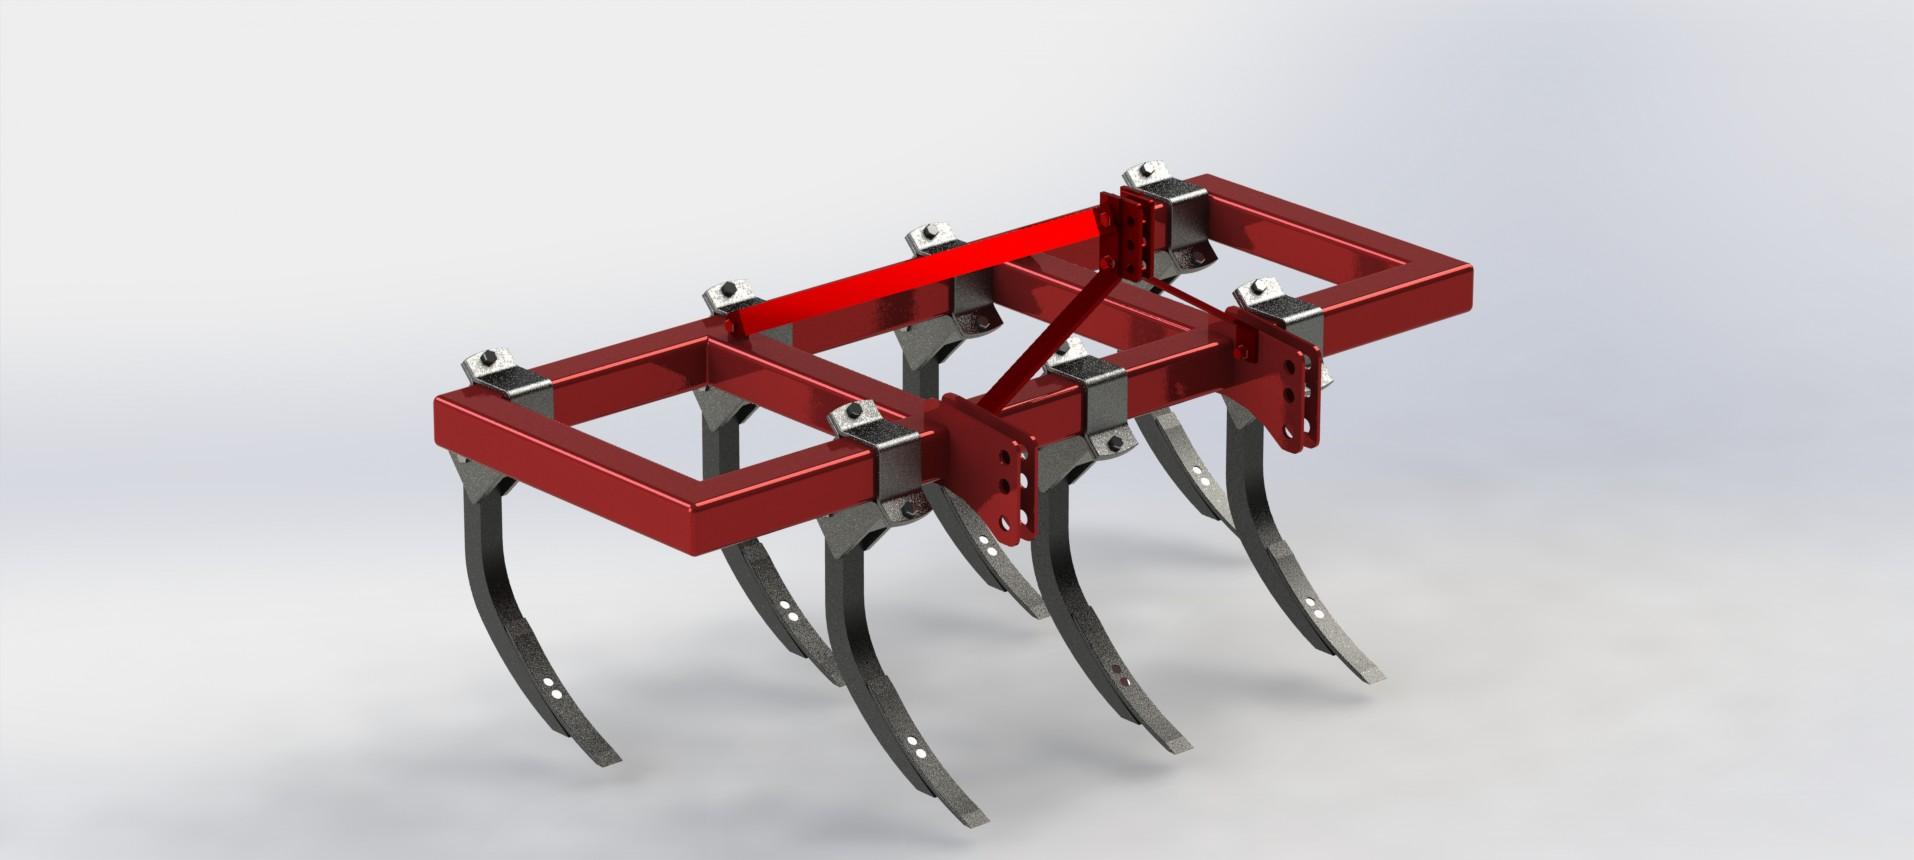 طراحی گاو آهن چیزل با نرم افزار سالیدورک solidwork ، طراحی چیزل با سالیدورک ، اندازه قطعات چیزل ، سایز قطعات چیزل ، دانلود مقاله چیزل ، پروژه سالیدورک ،